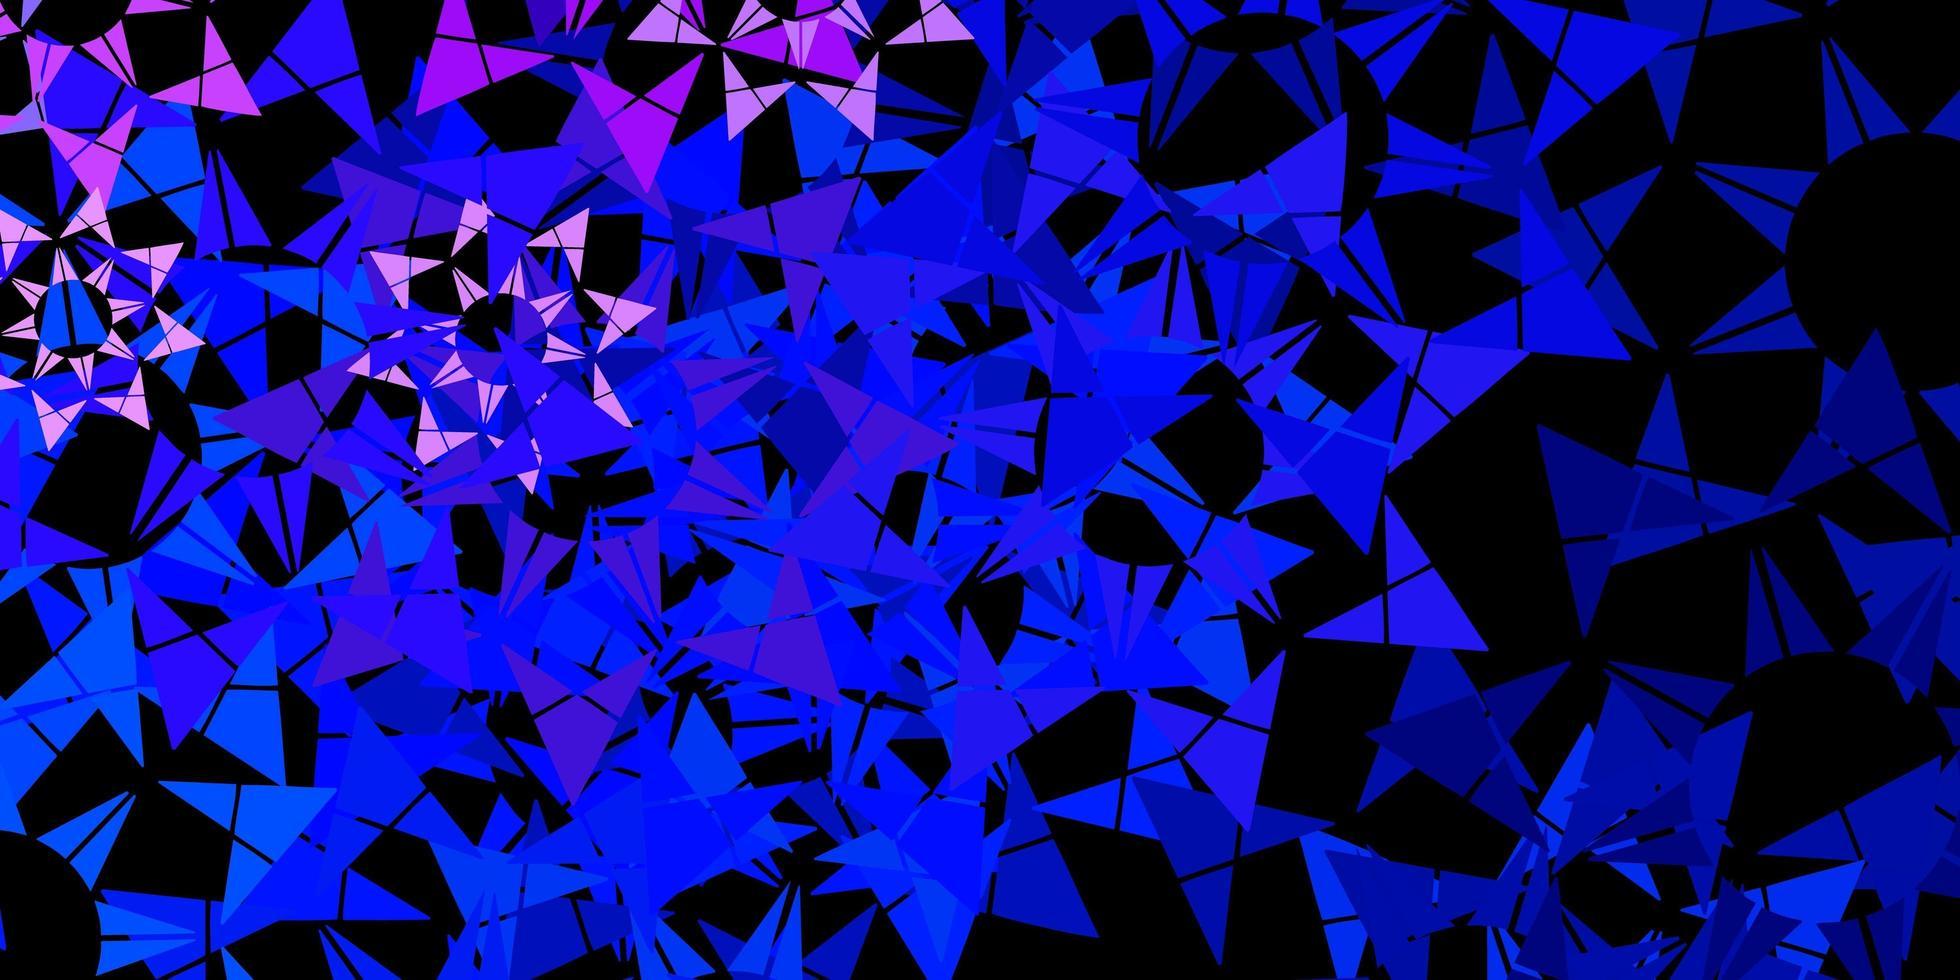 modelo de vetor azul claro e verde com cristais, triângulos.